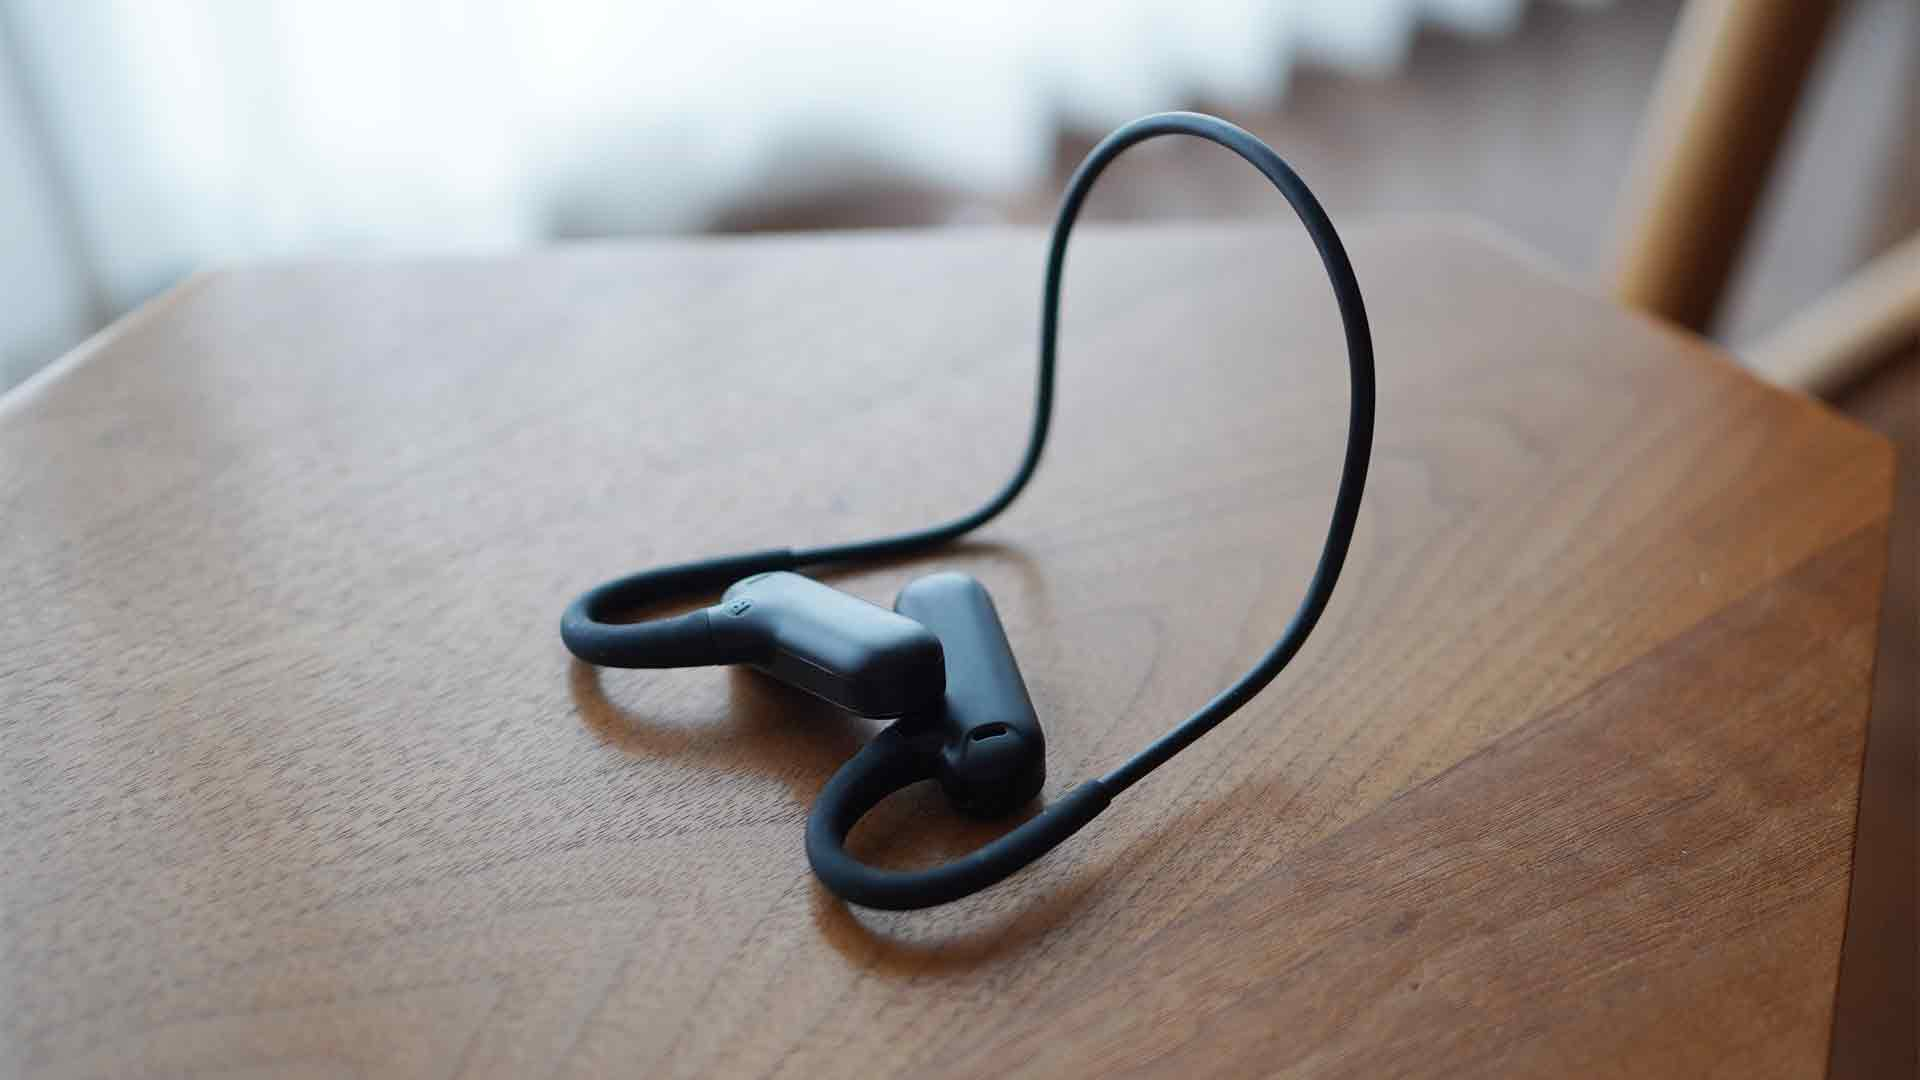 ucomx,bluetooth,ワイヤレスイヤホン,耳を塞がない,耳掛け式,耳が痛くならない,安い,ブルートゥース,防水,スポーツ,軽い,連続再生